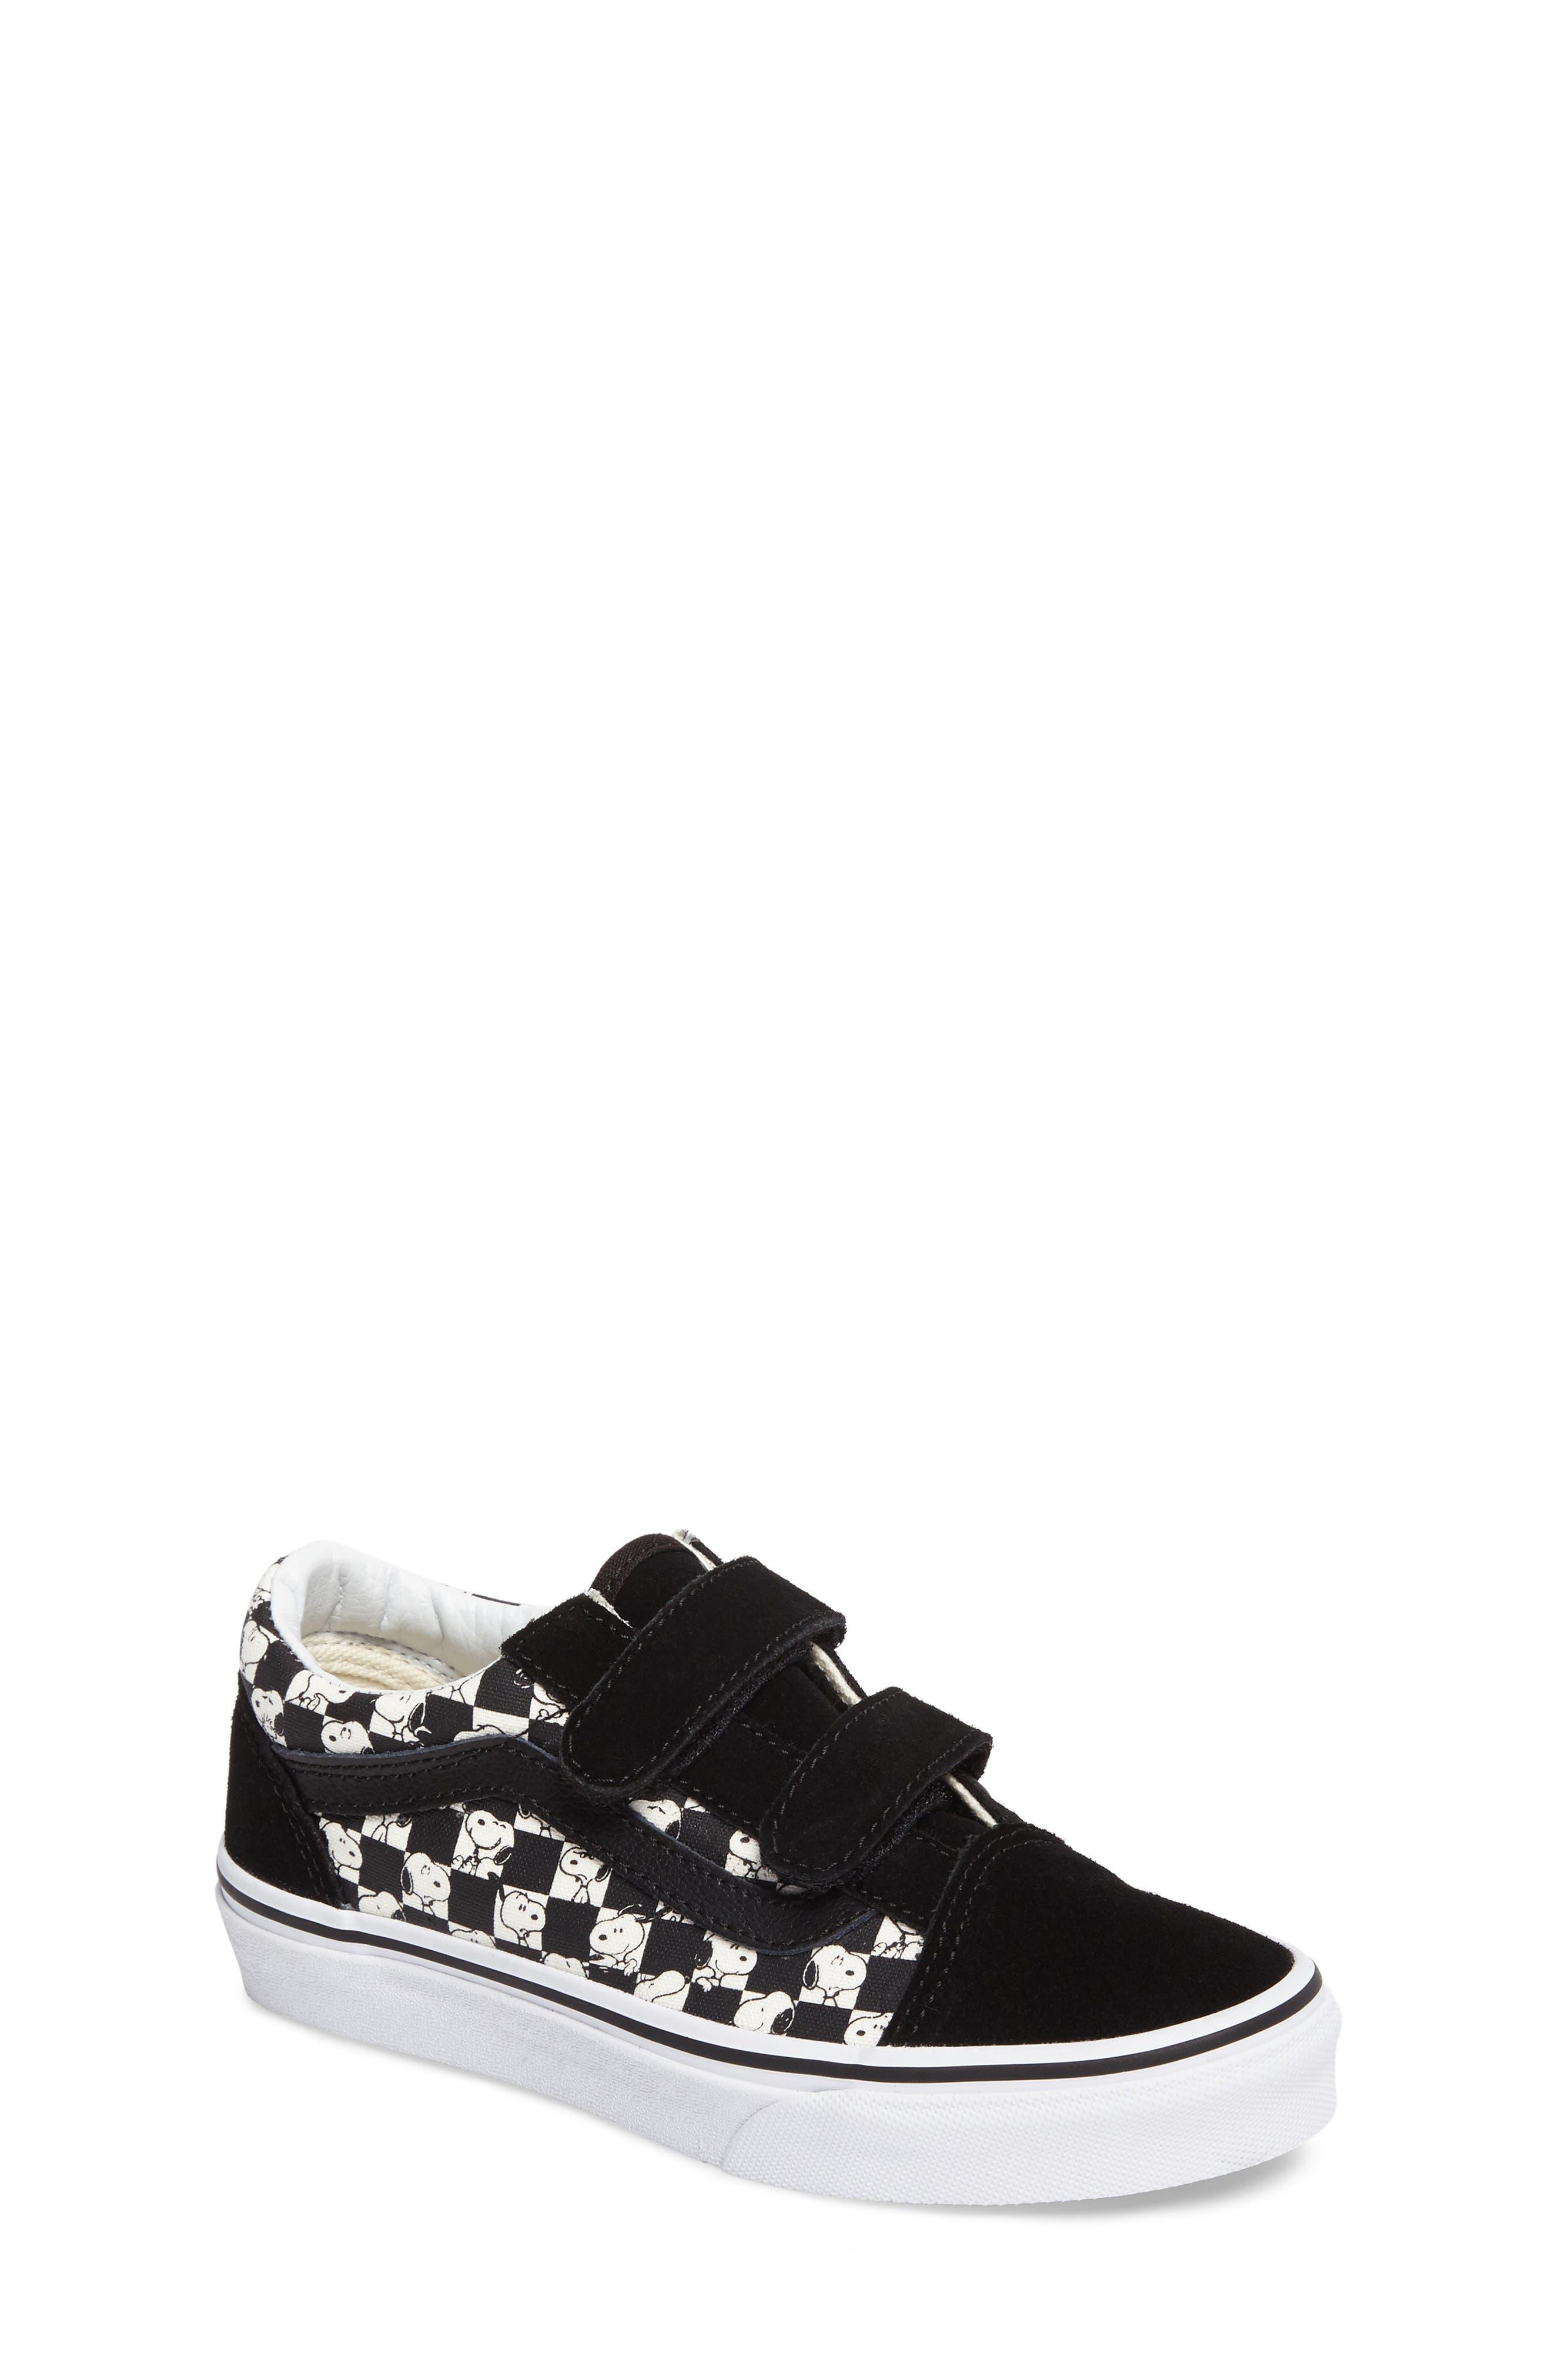 Main Image - Vans x Peanuts Old Skool V Low Top Sneaker (Baby, Walker, Toddler, Little Kid & Big Kid)